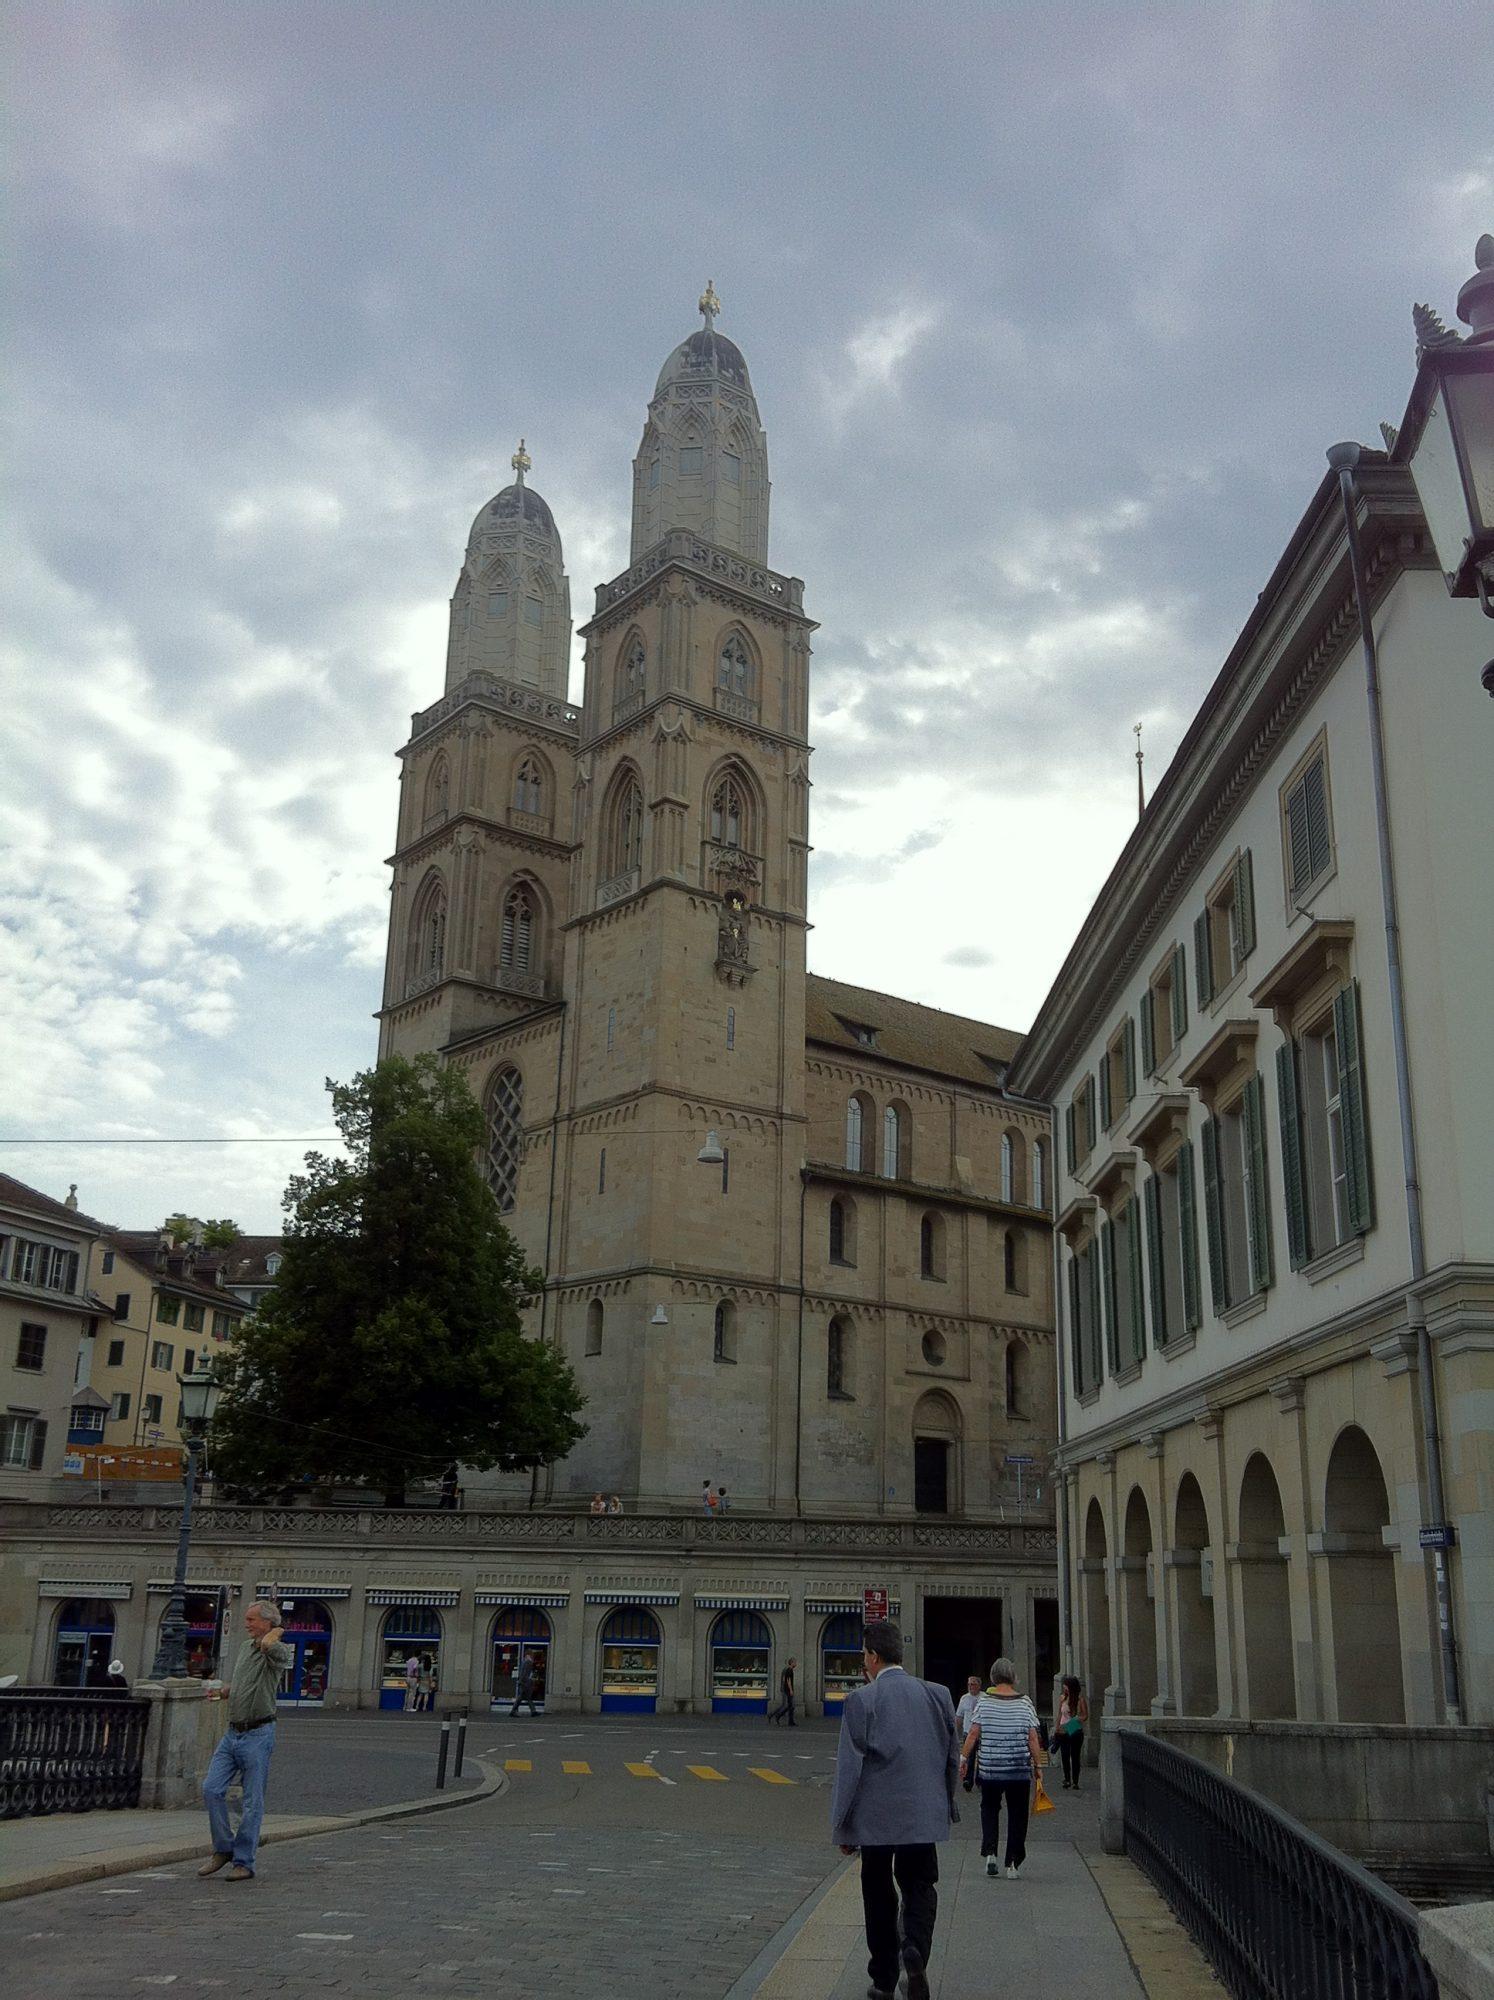 瑞士旅遊業在八月份超過了疫情前的水準